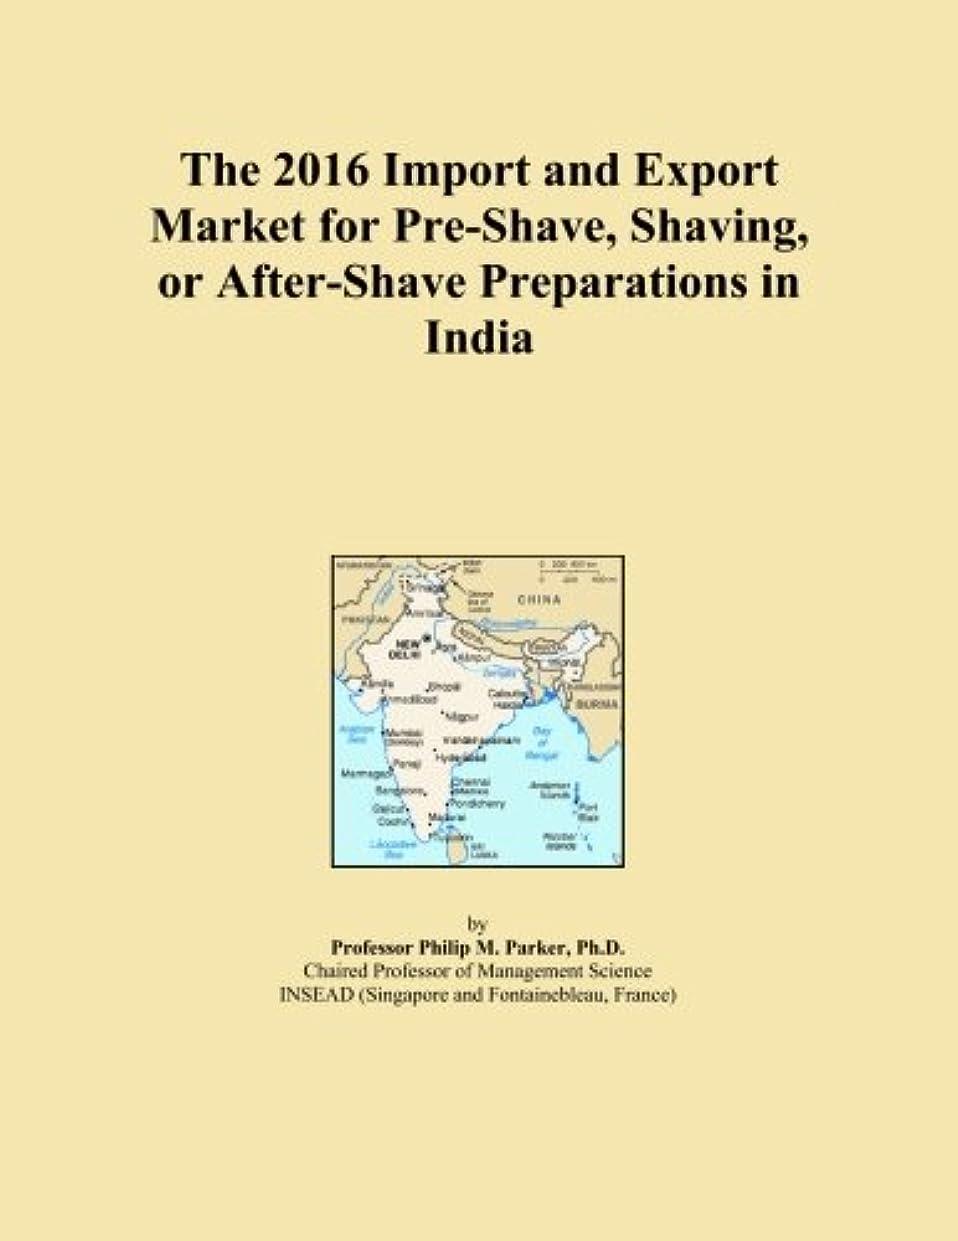 腫瘍適応するジョイントThe 2016 Import and Export Market for Pre-Shave, Shaving, or After-Shave Preparations in India